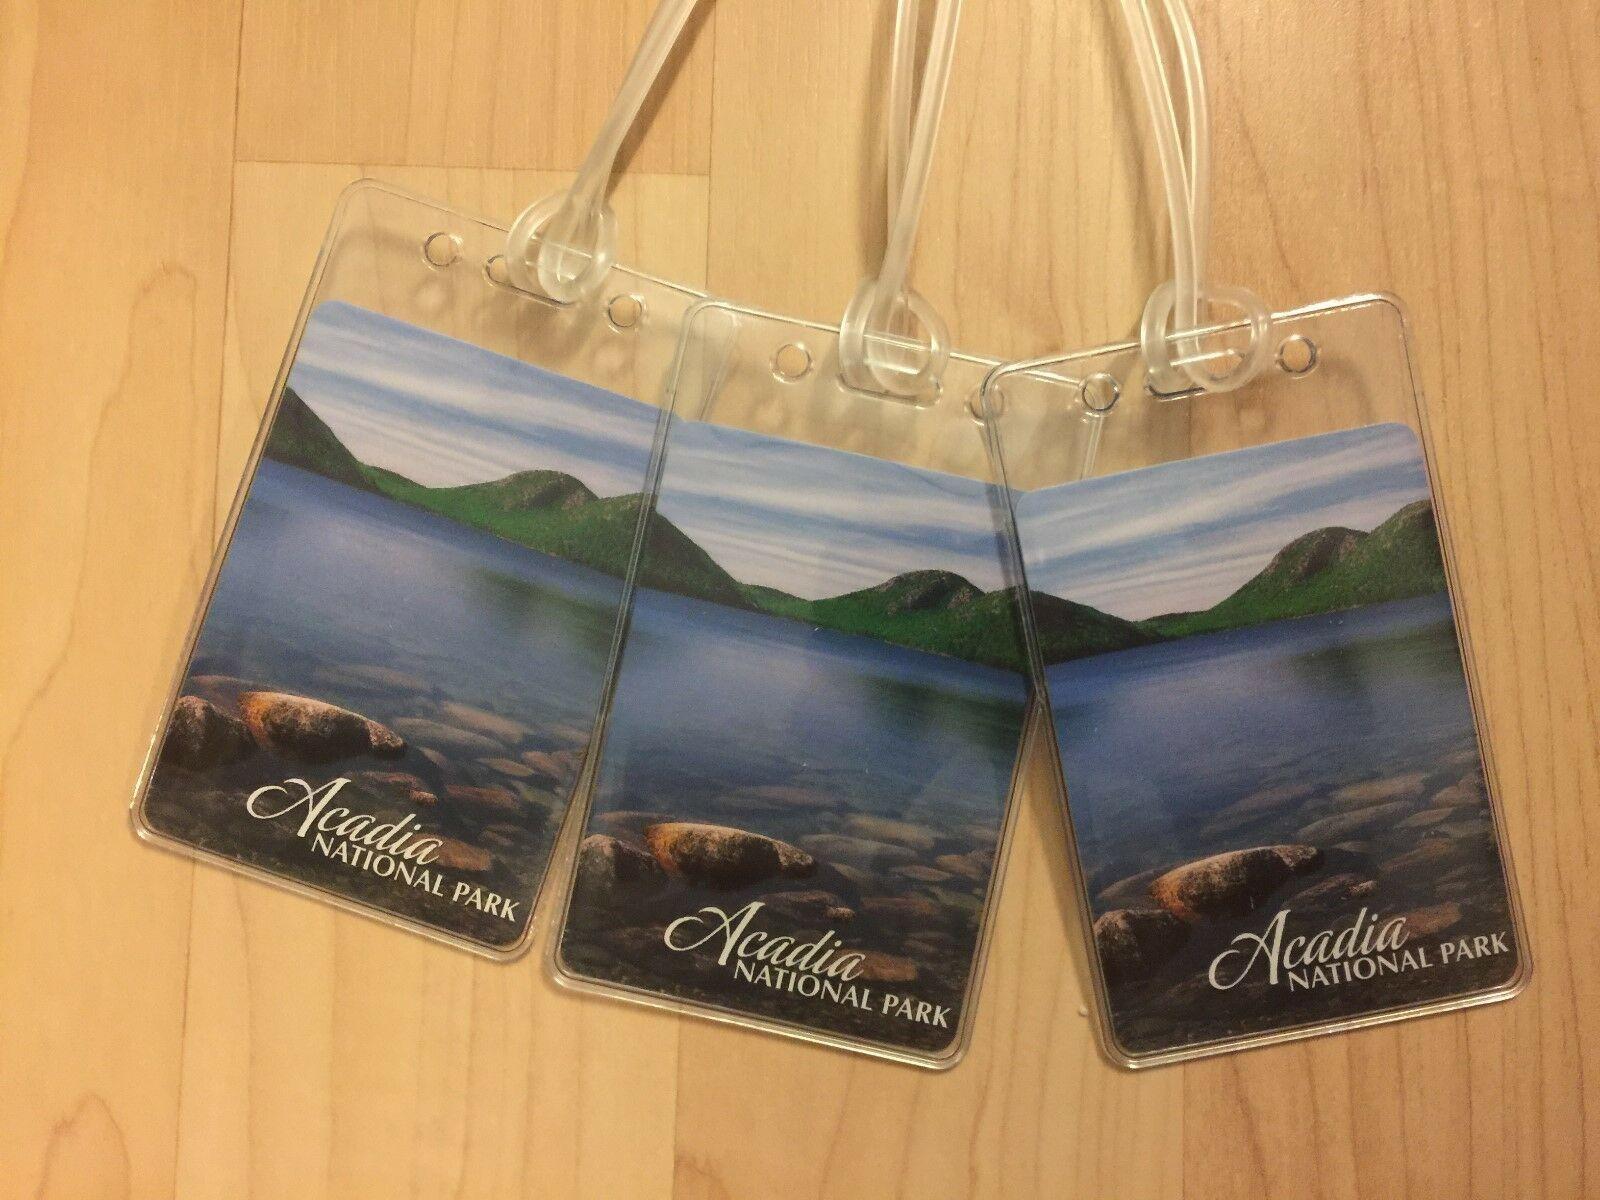 Acadia National Park Bagage Étiquettes - Barre Port Maine USA Cartes à Jouer